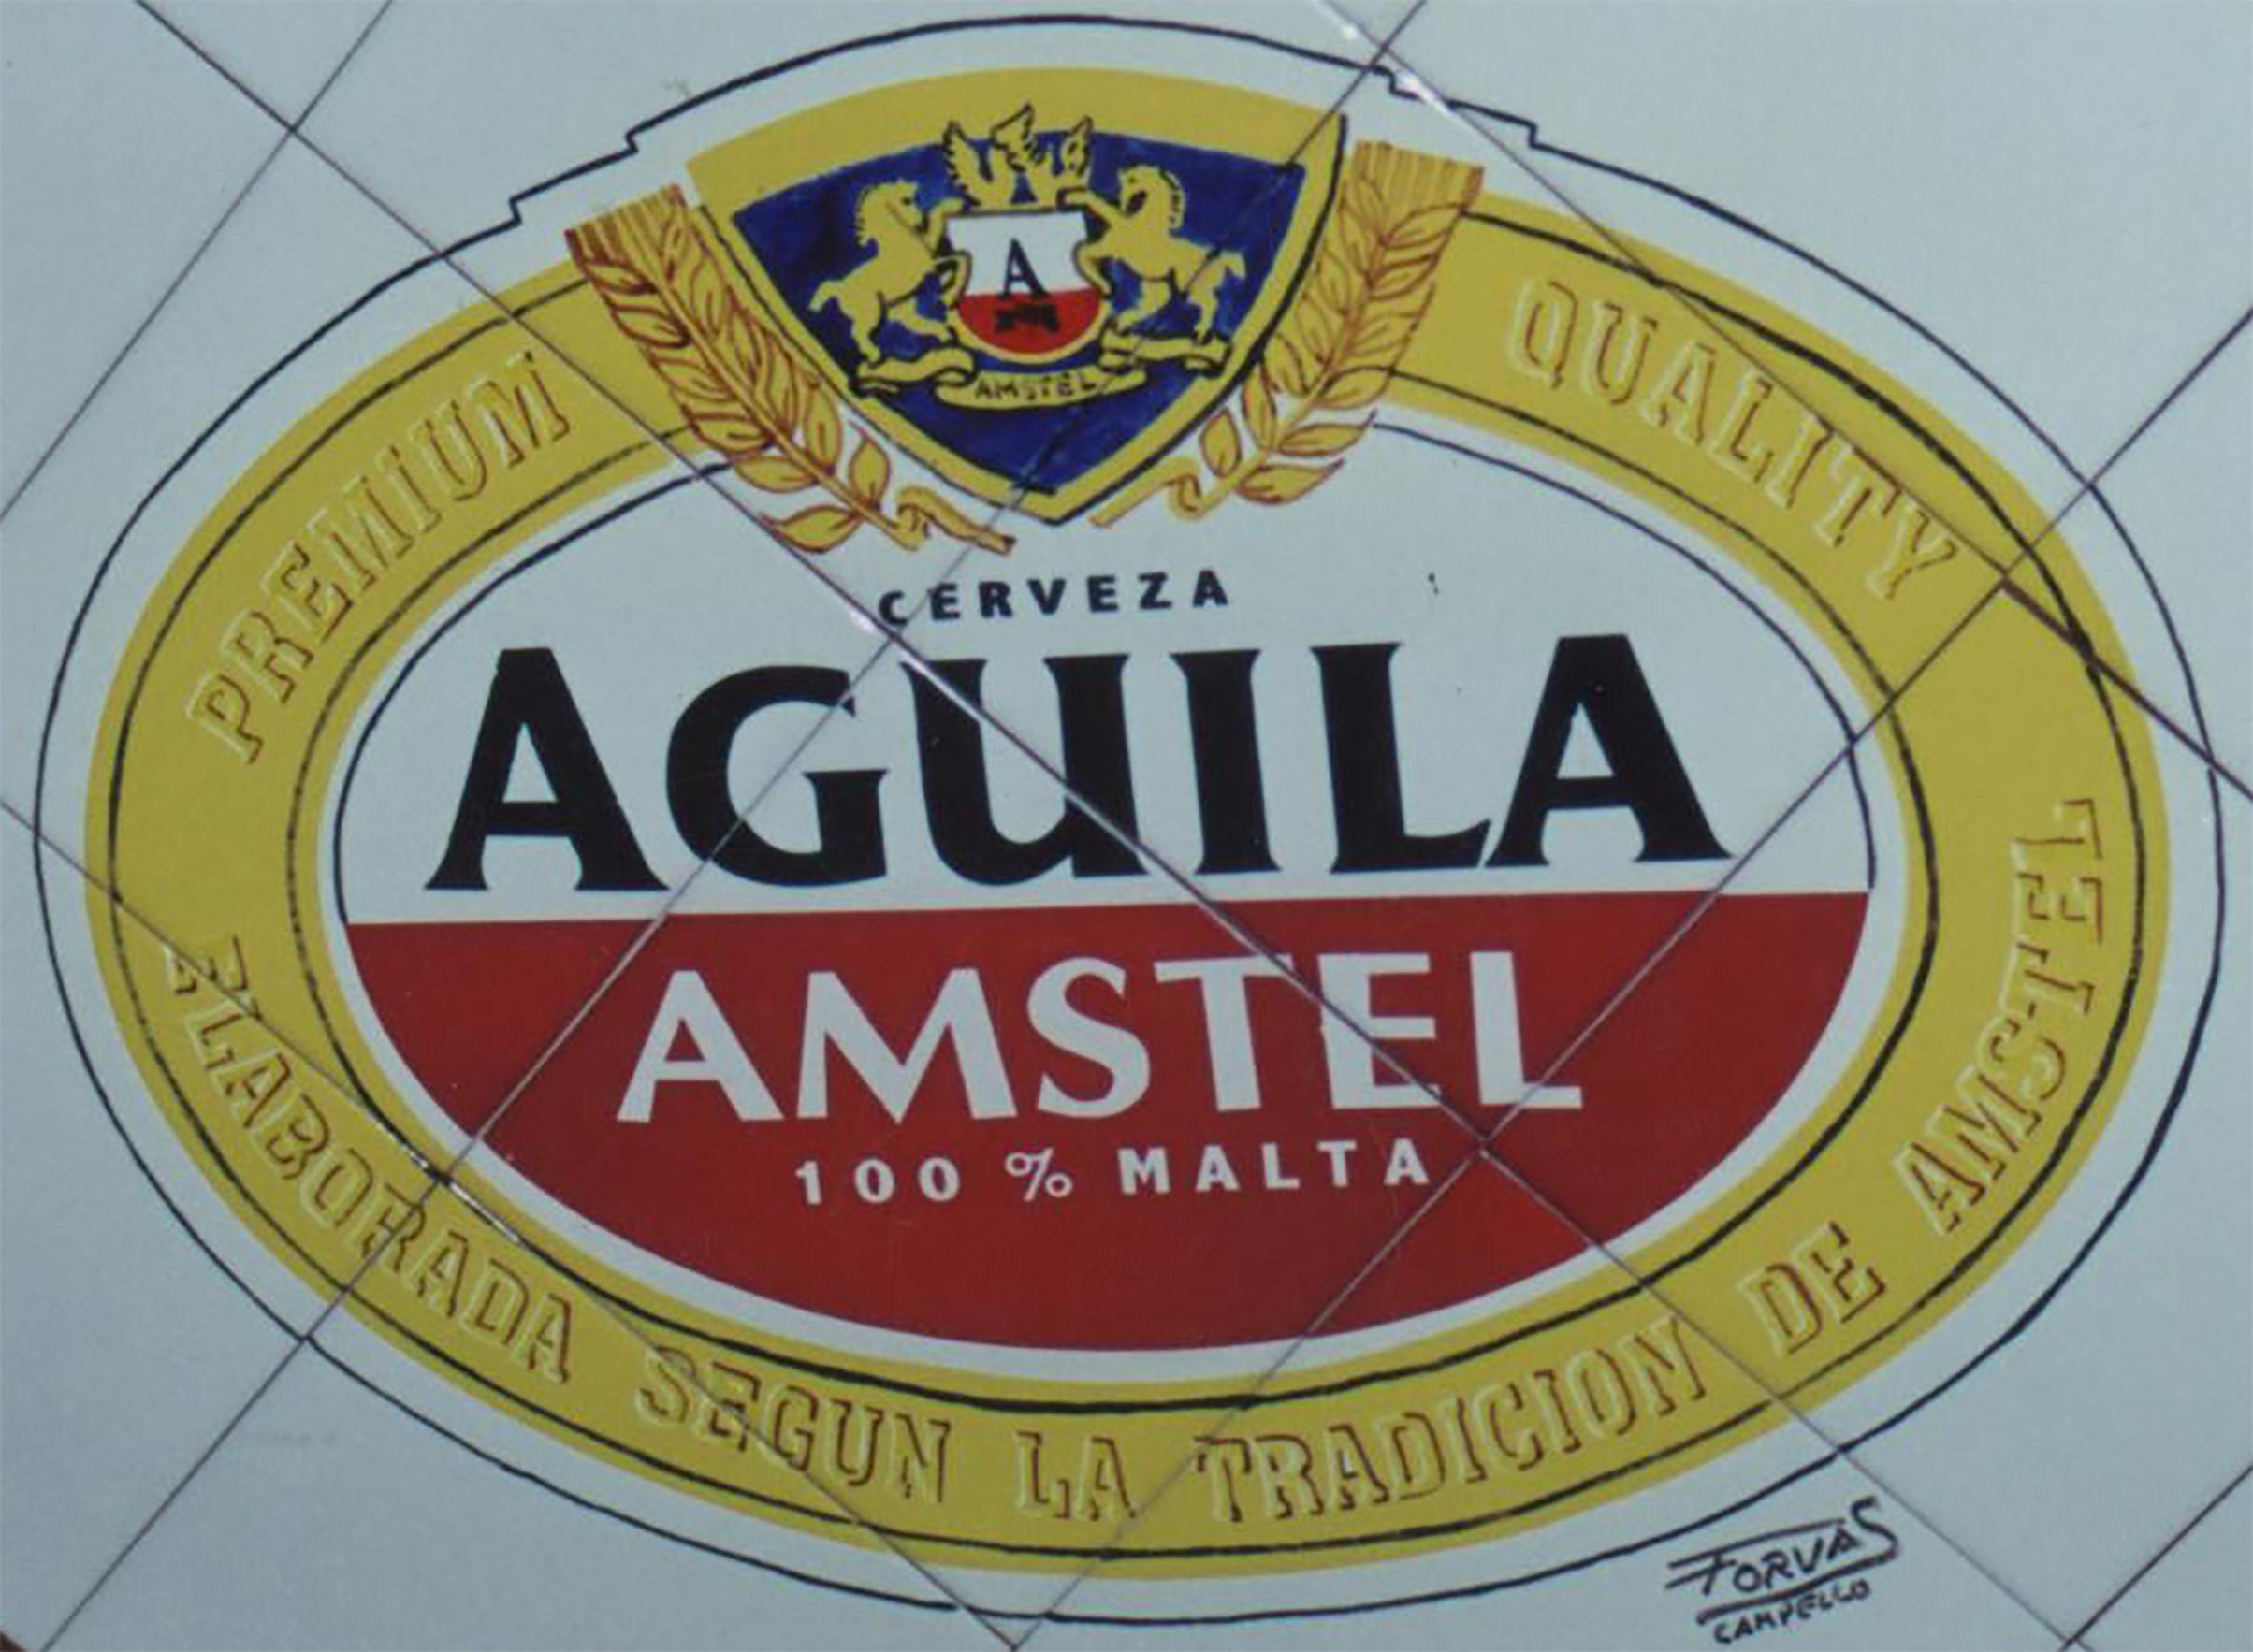 Reproducción en azulejos de cerámica con Anagrama marca de cerveza Amstel. El dibujo se realizó sobre los azulejos cerámicos colocados en forma de rombo.